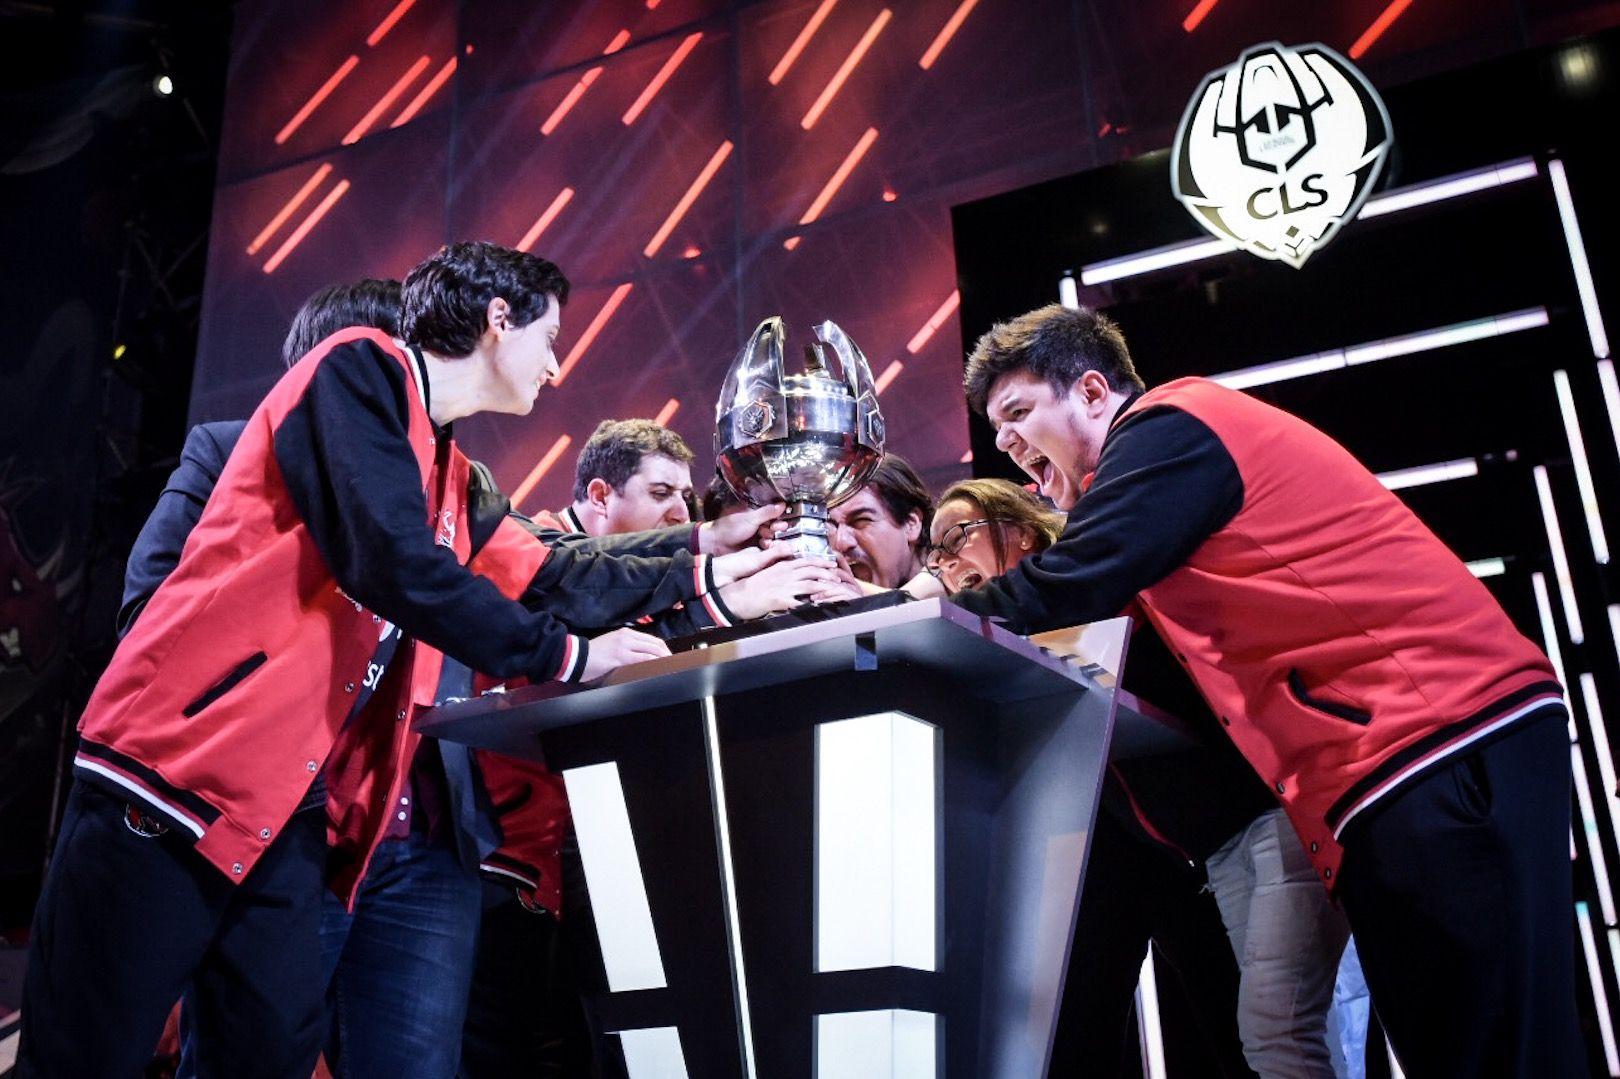 KLG se va a China a jugar la final de League of Legends